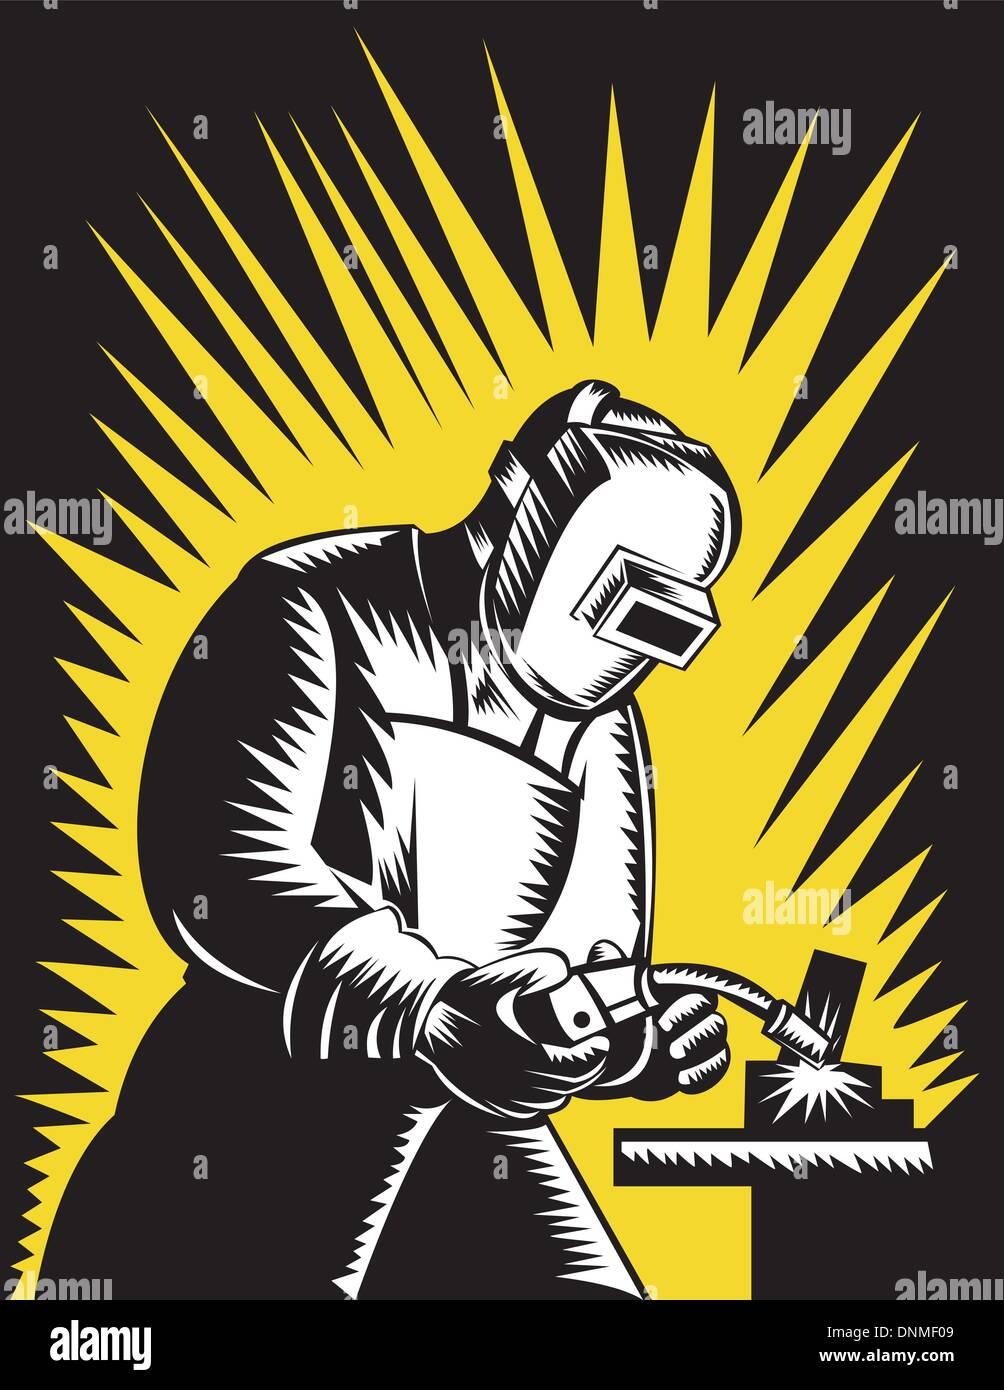 Ilustração de um trabalhador de metal com soldadura soldador maçarico de soldagem e visor feito em estilo retroIlustração do Vetor